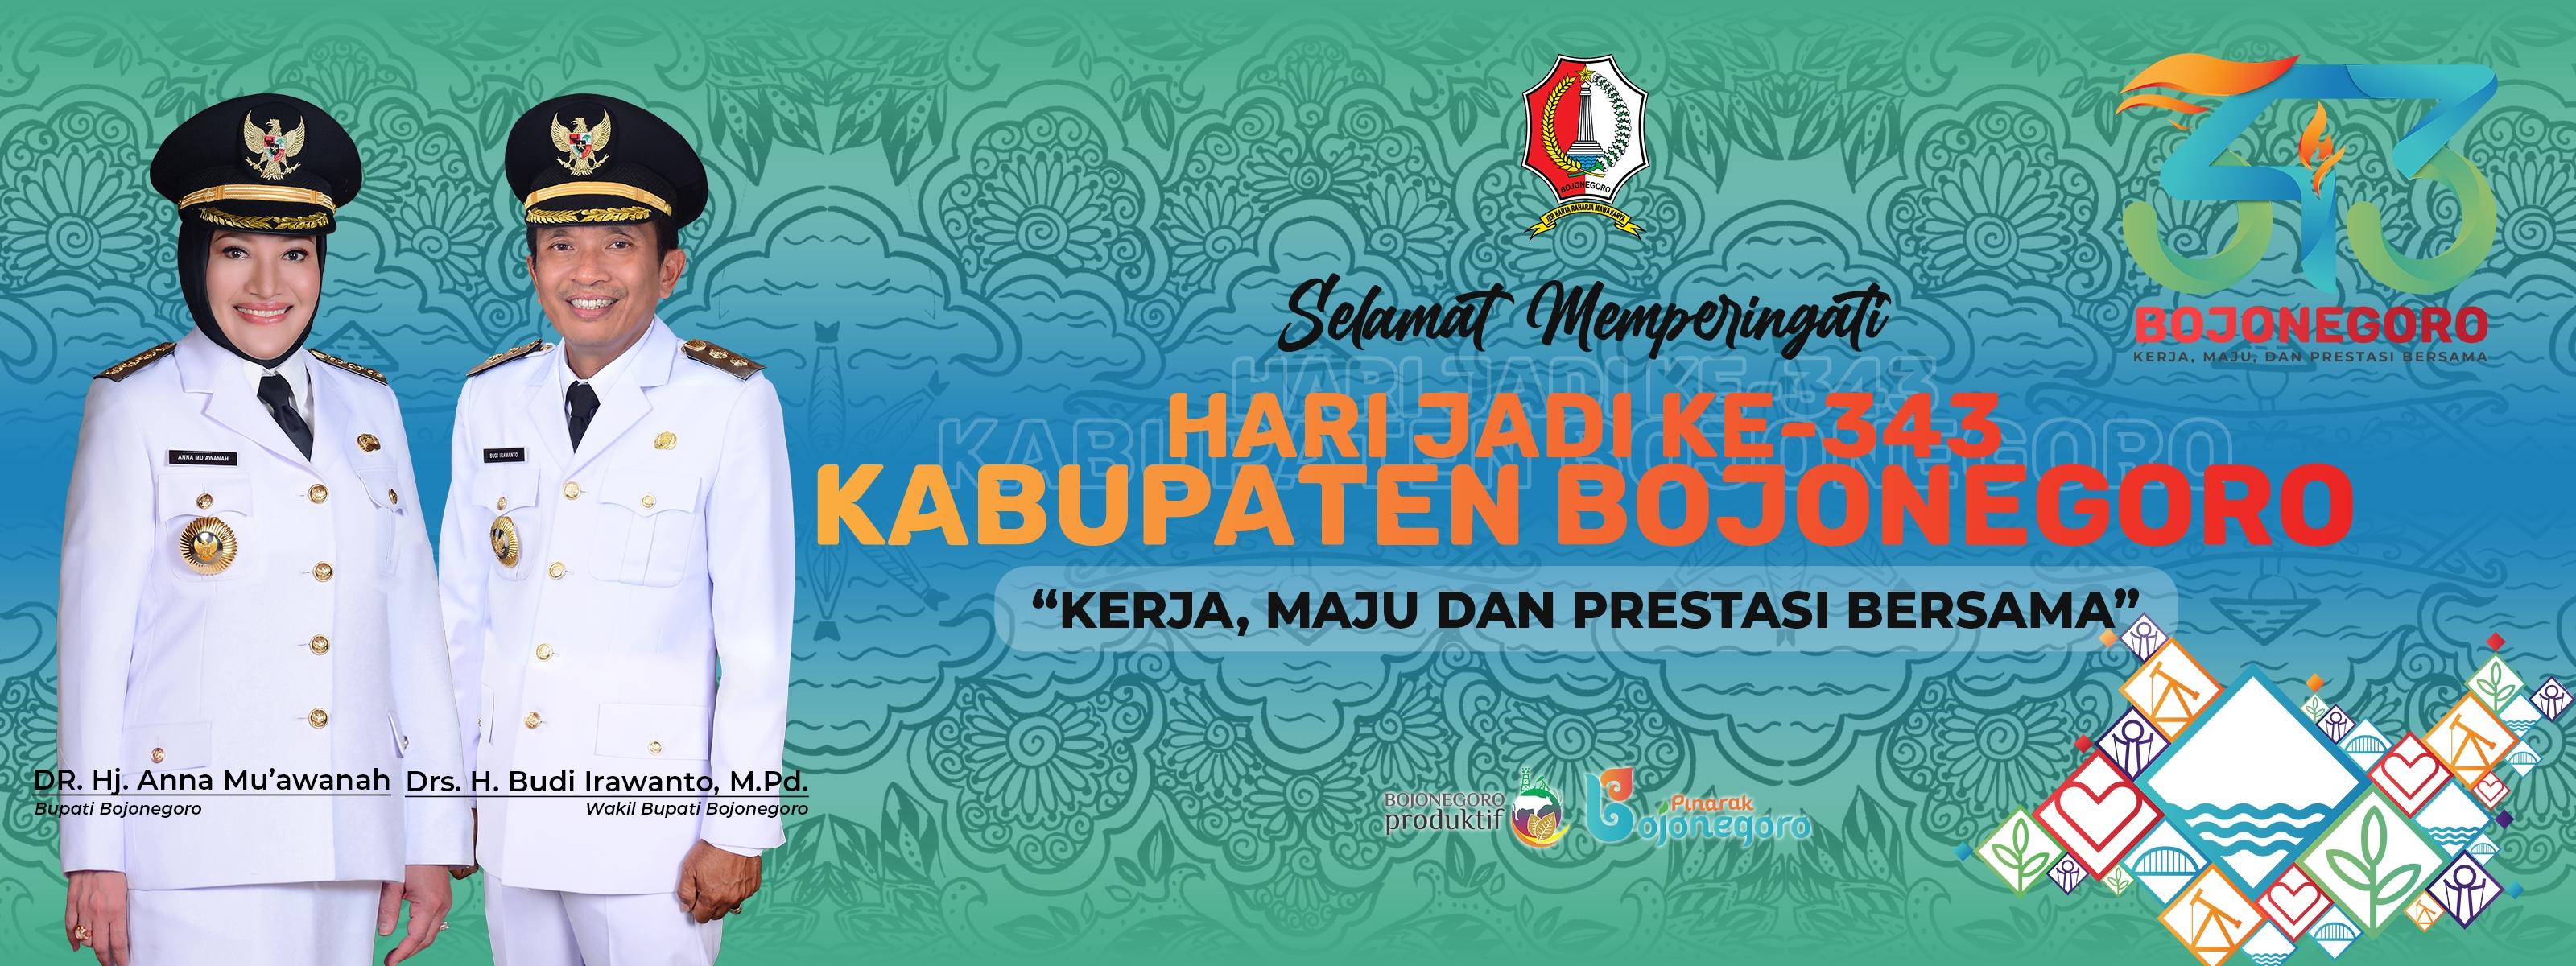 Hari Jadi Kabupaten Bojonegoro ke-343 Tahun<BR>Kerja - Maju dan Prestasi Bersama